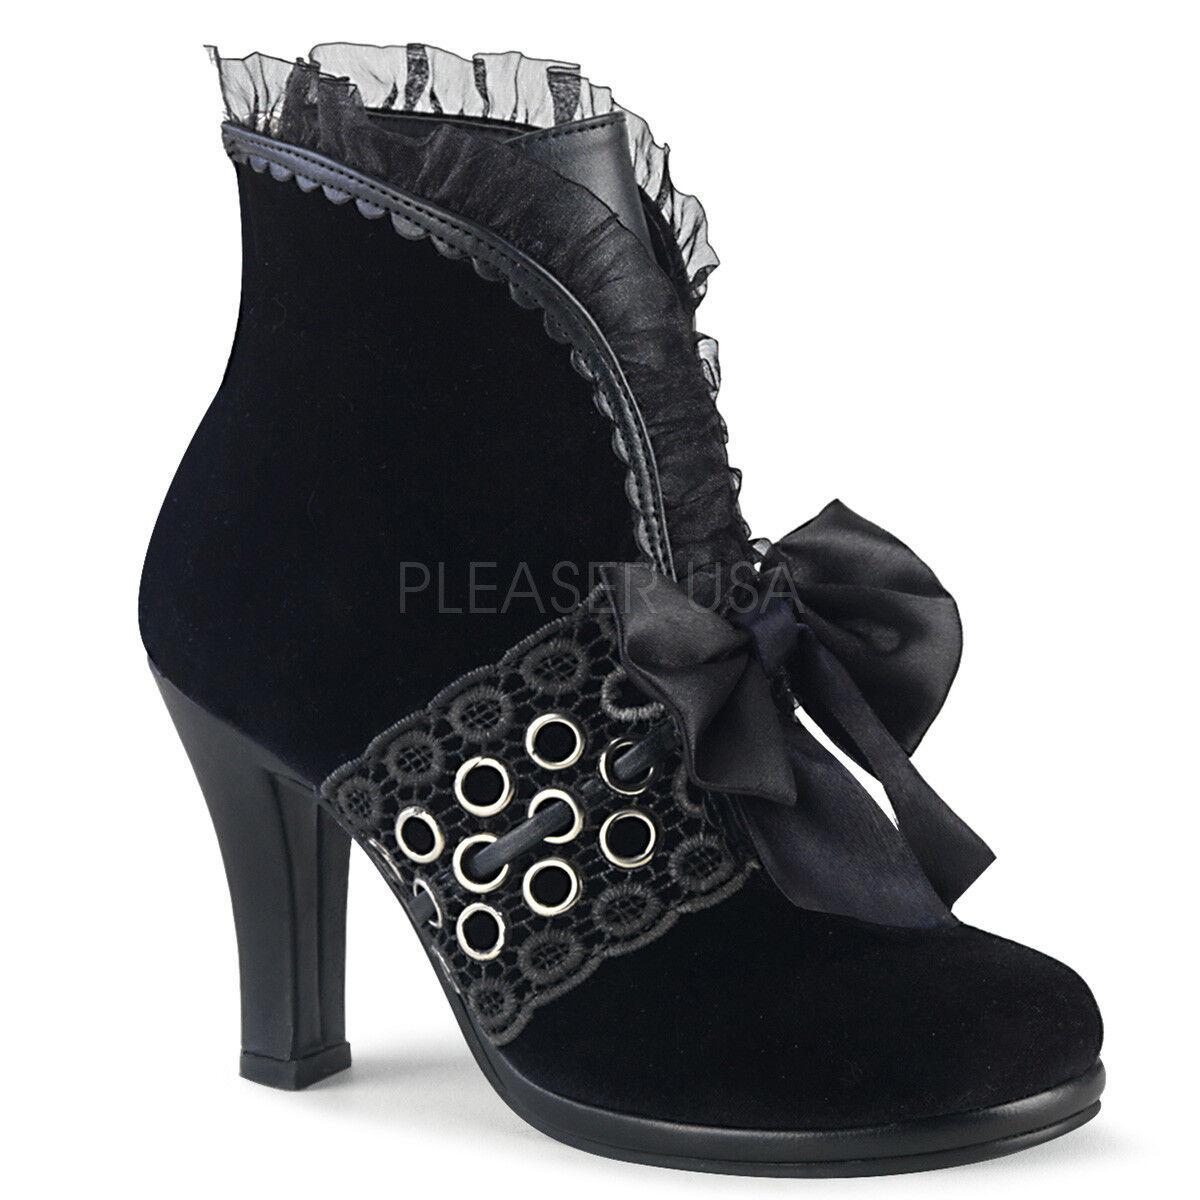 Demonia 3.75 3.75 3.75  Heel Black Velvet Ruffle Bow Grommeted Ankle Boots Glam Goth 6-12 cb6162